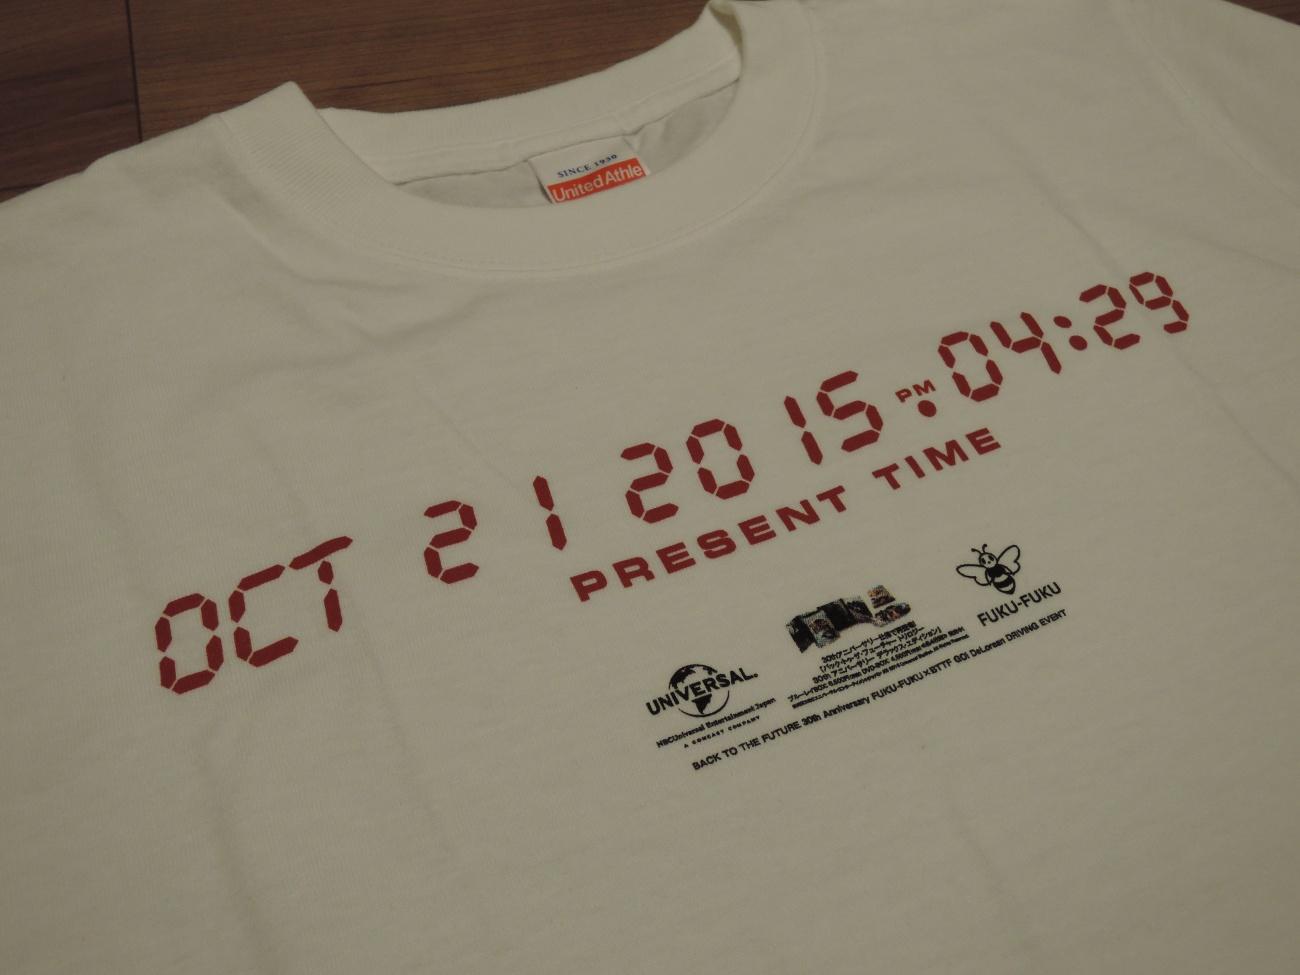 バック・トゥ・ザフューチャー記念Tシャツ